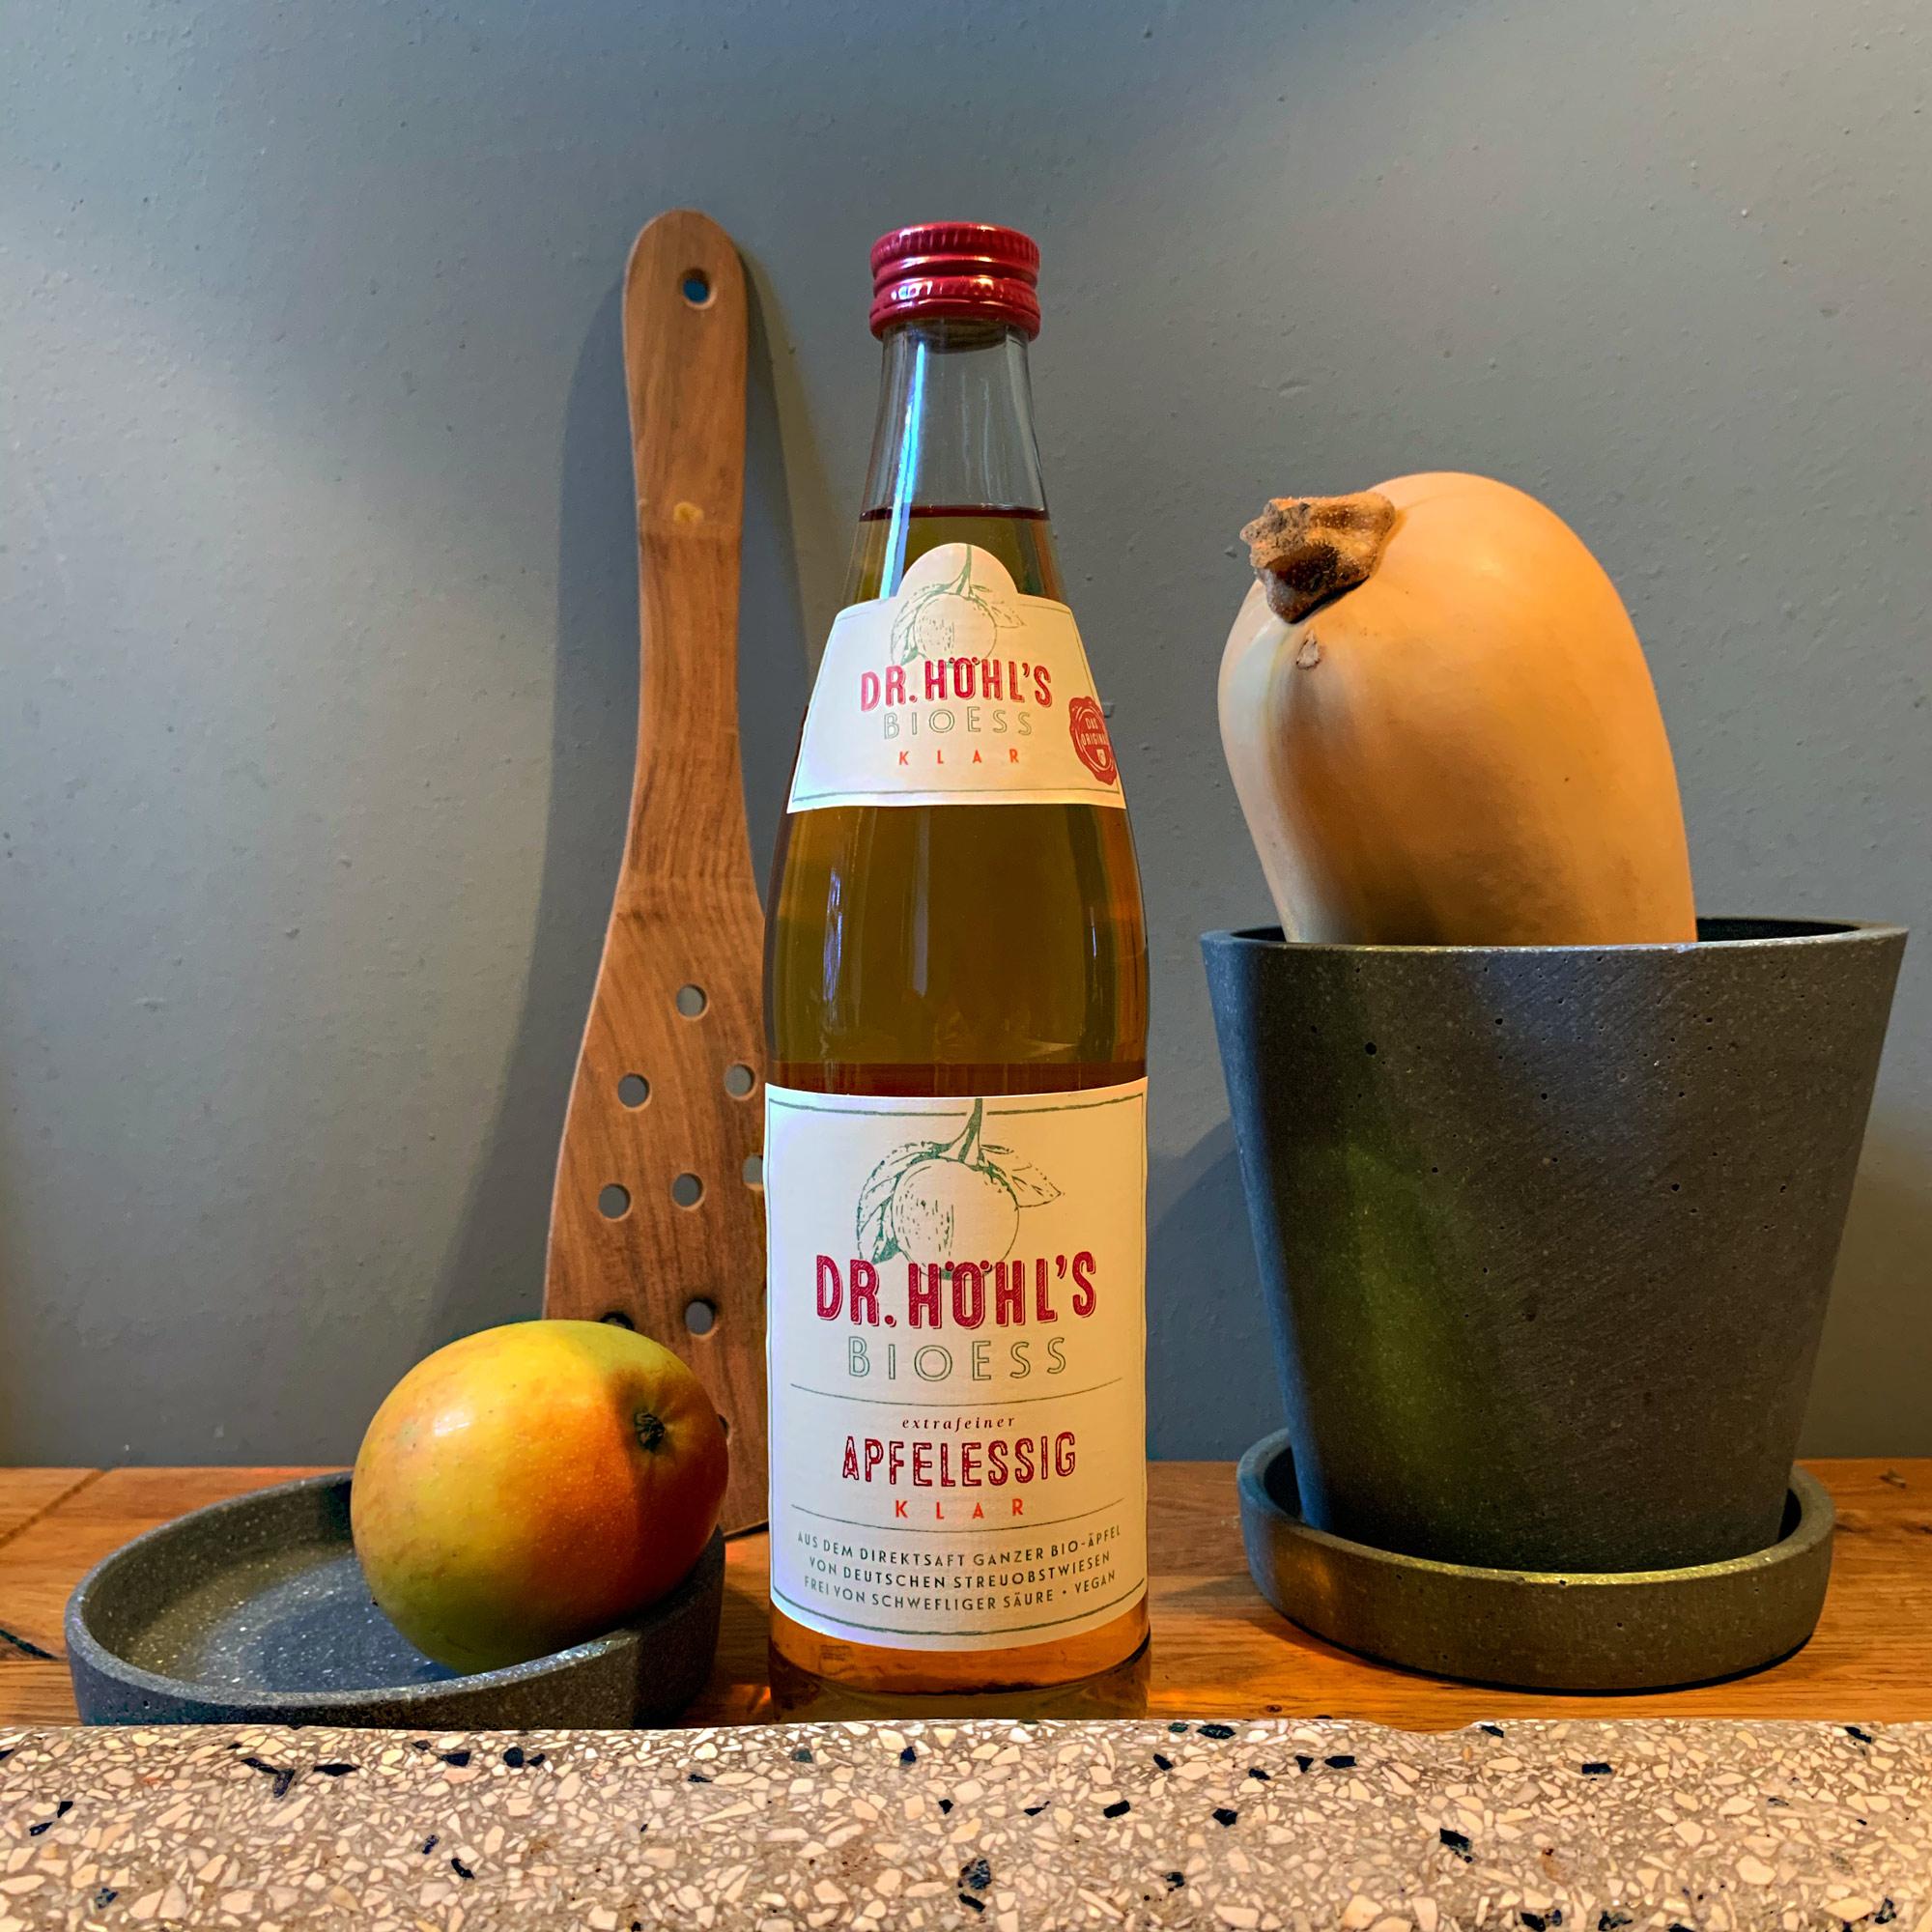 Dr-Hoehls-BioEss-Apfelessig-zum-Kochen-gefiltert